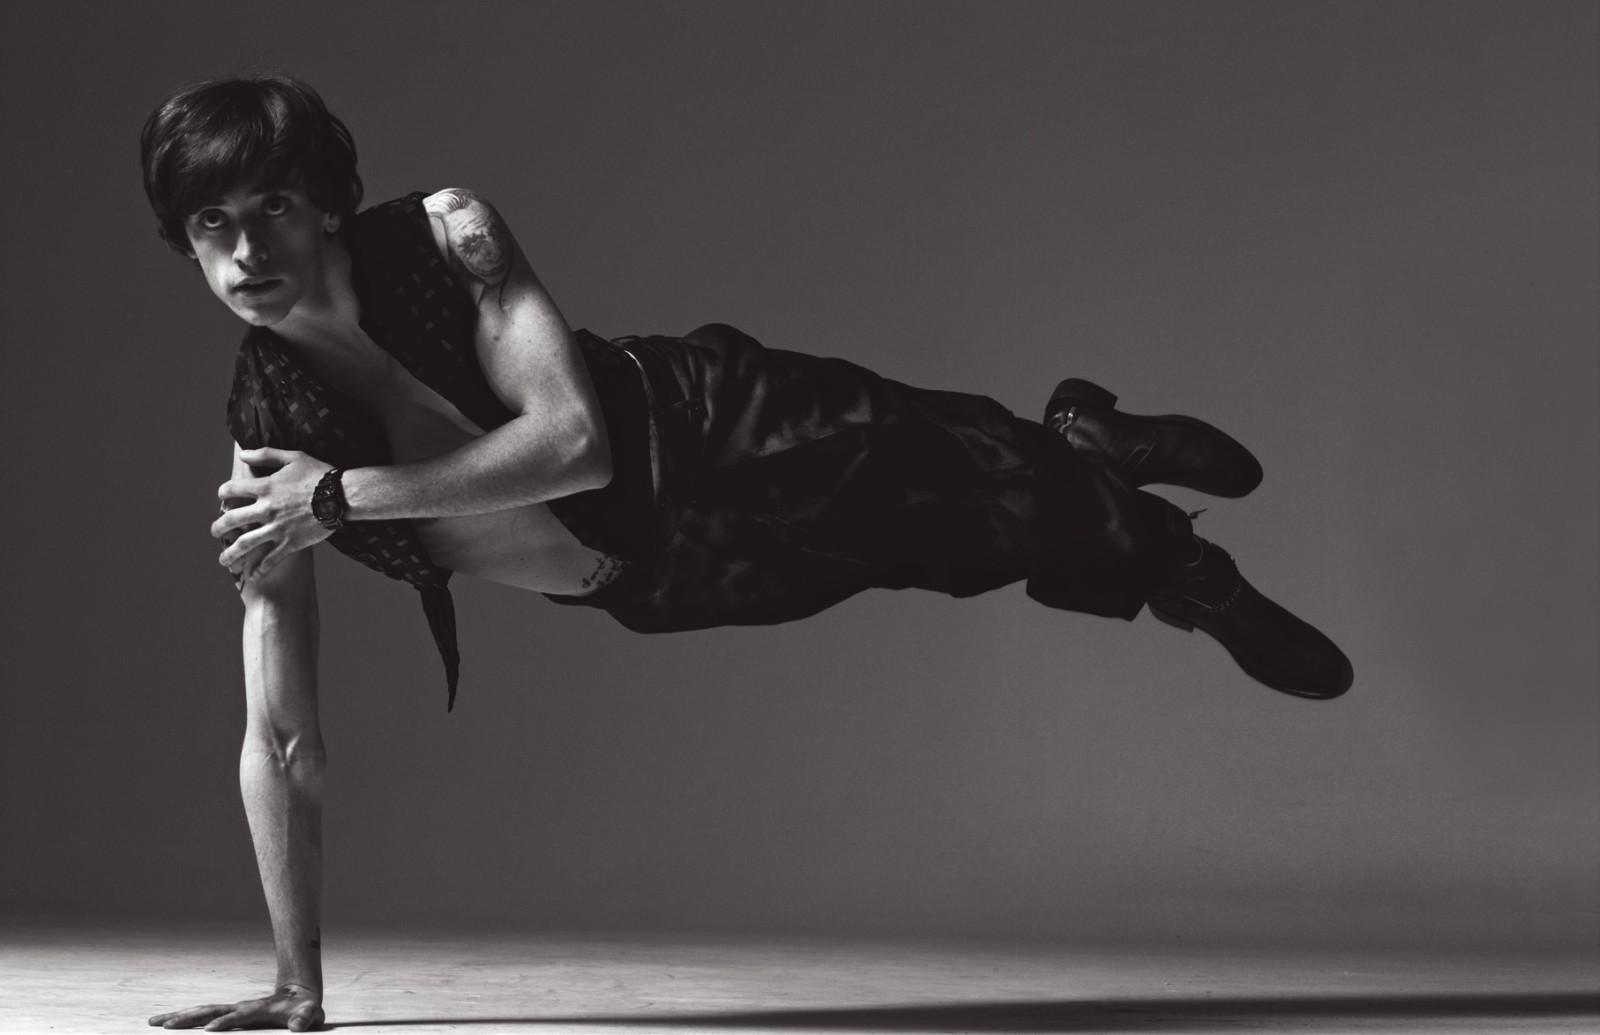 Фото известных мужчин балерин 4 фотография